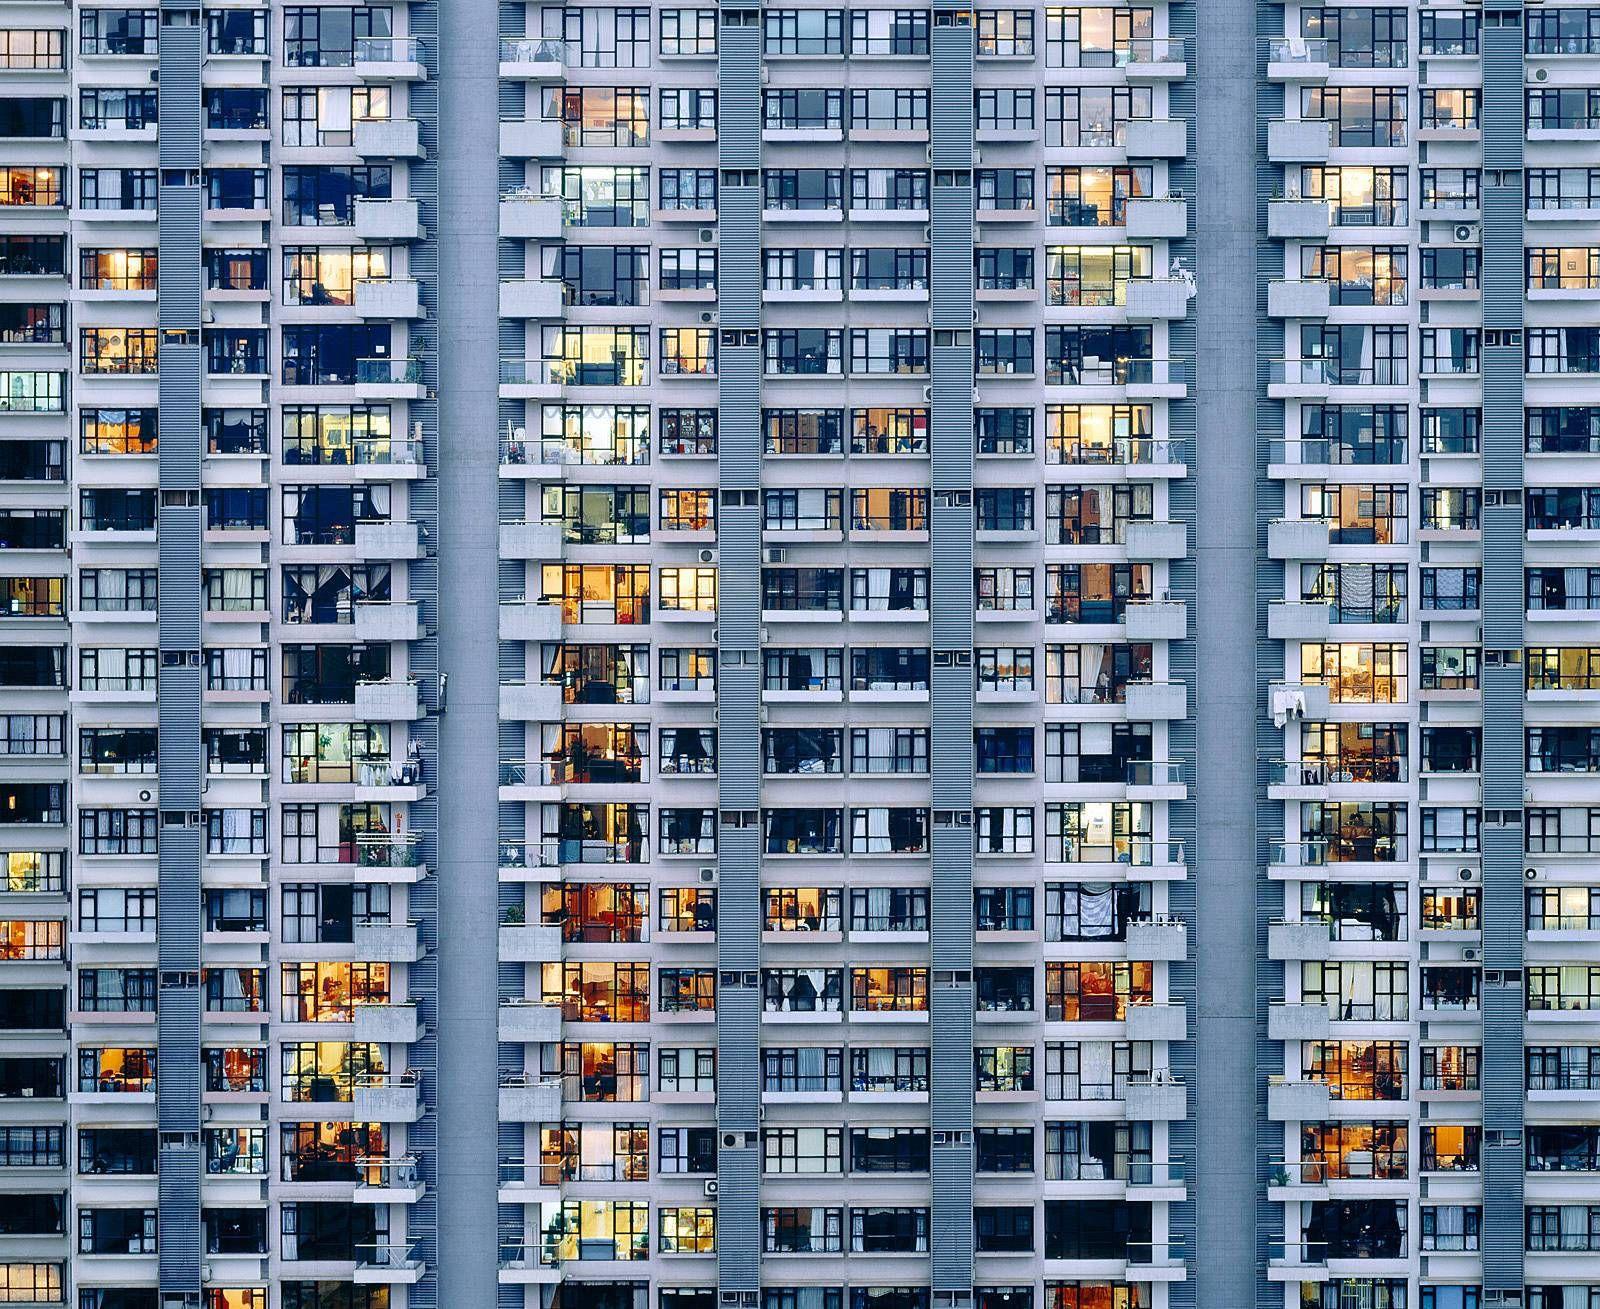 H. G. Esch - Hong Kong 06